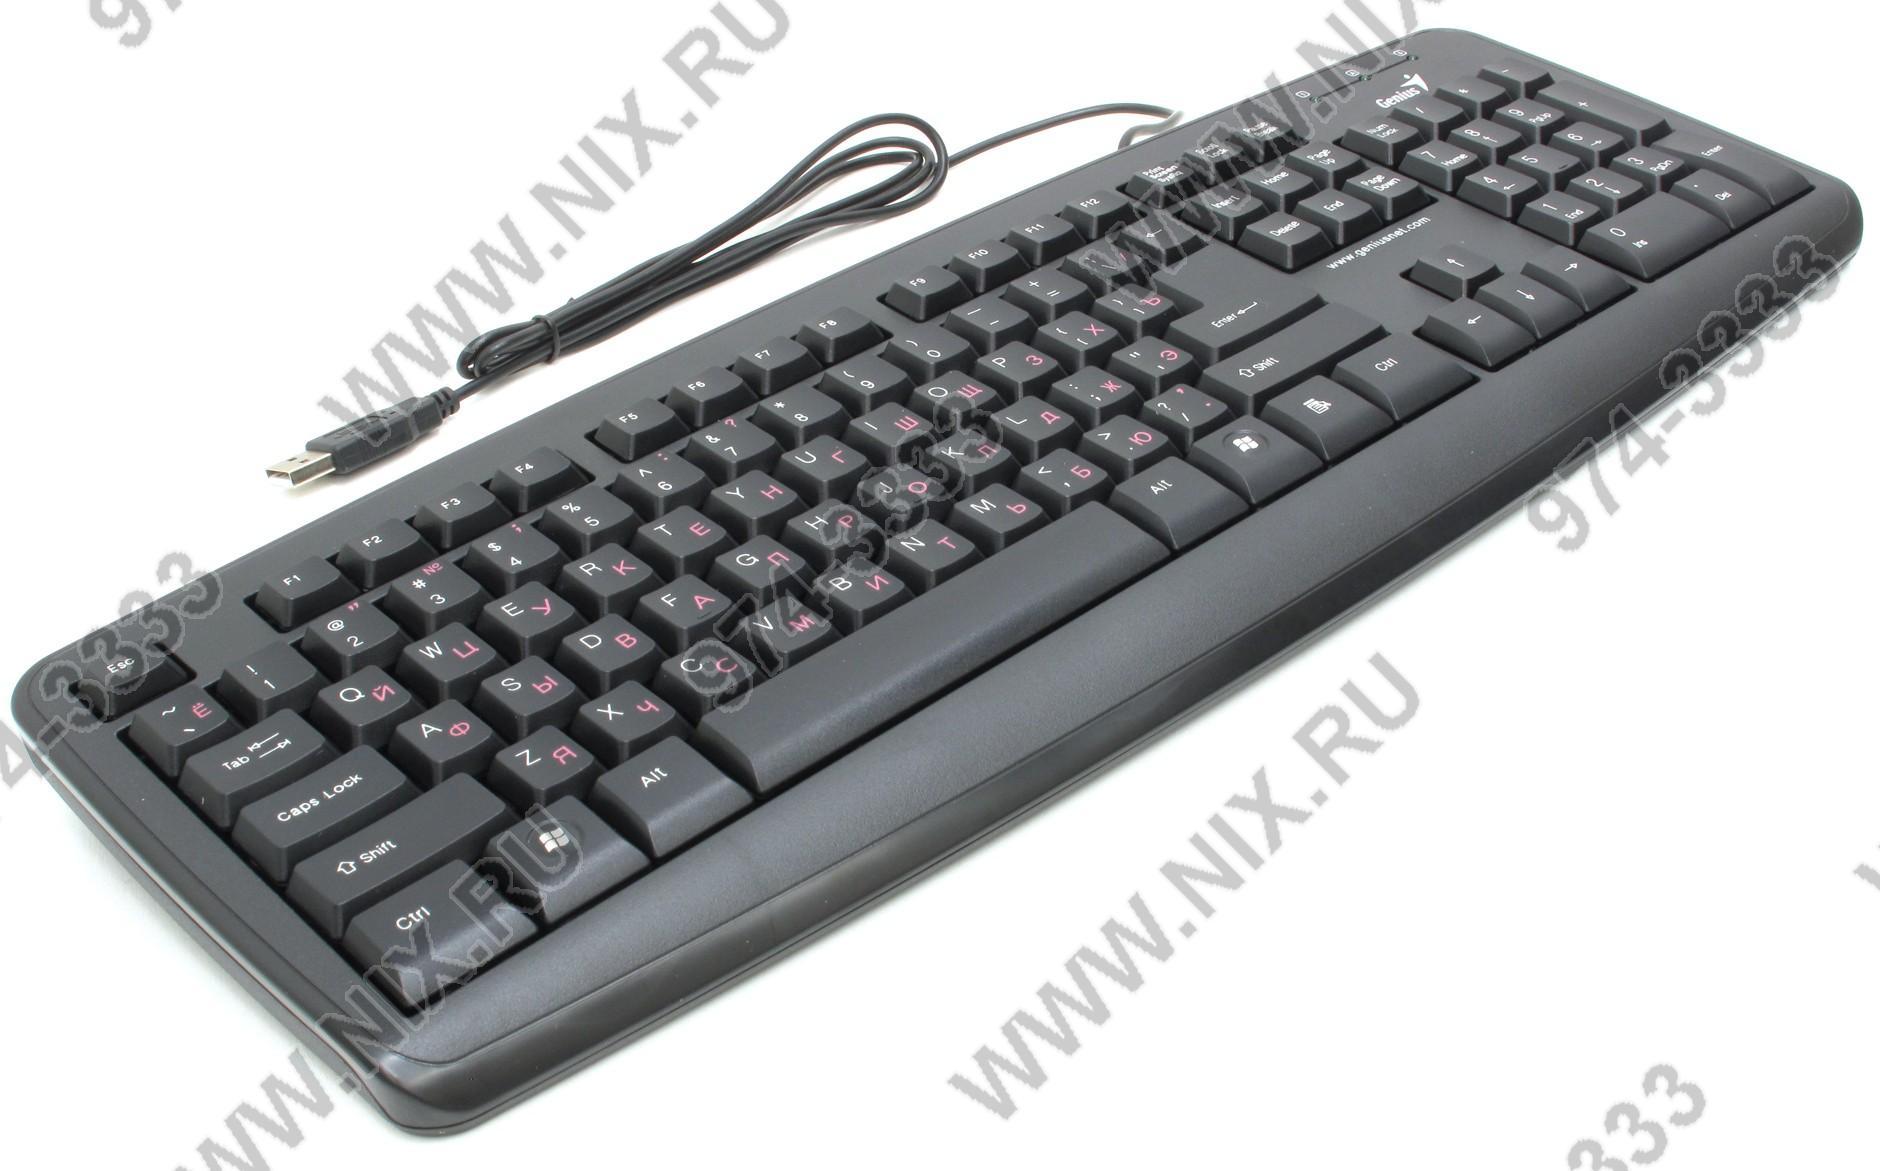 Фото простой клавиатуре джениус 5